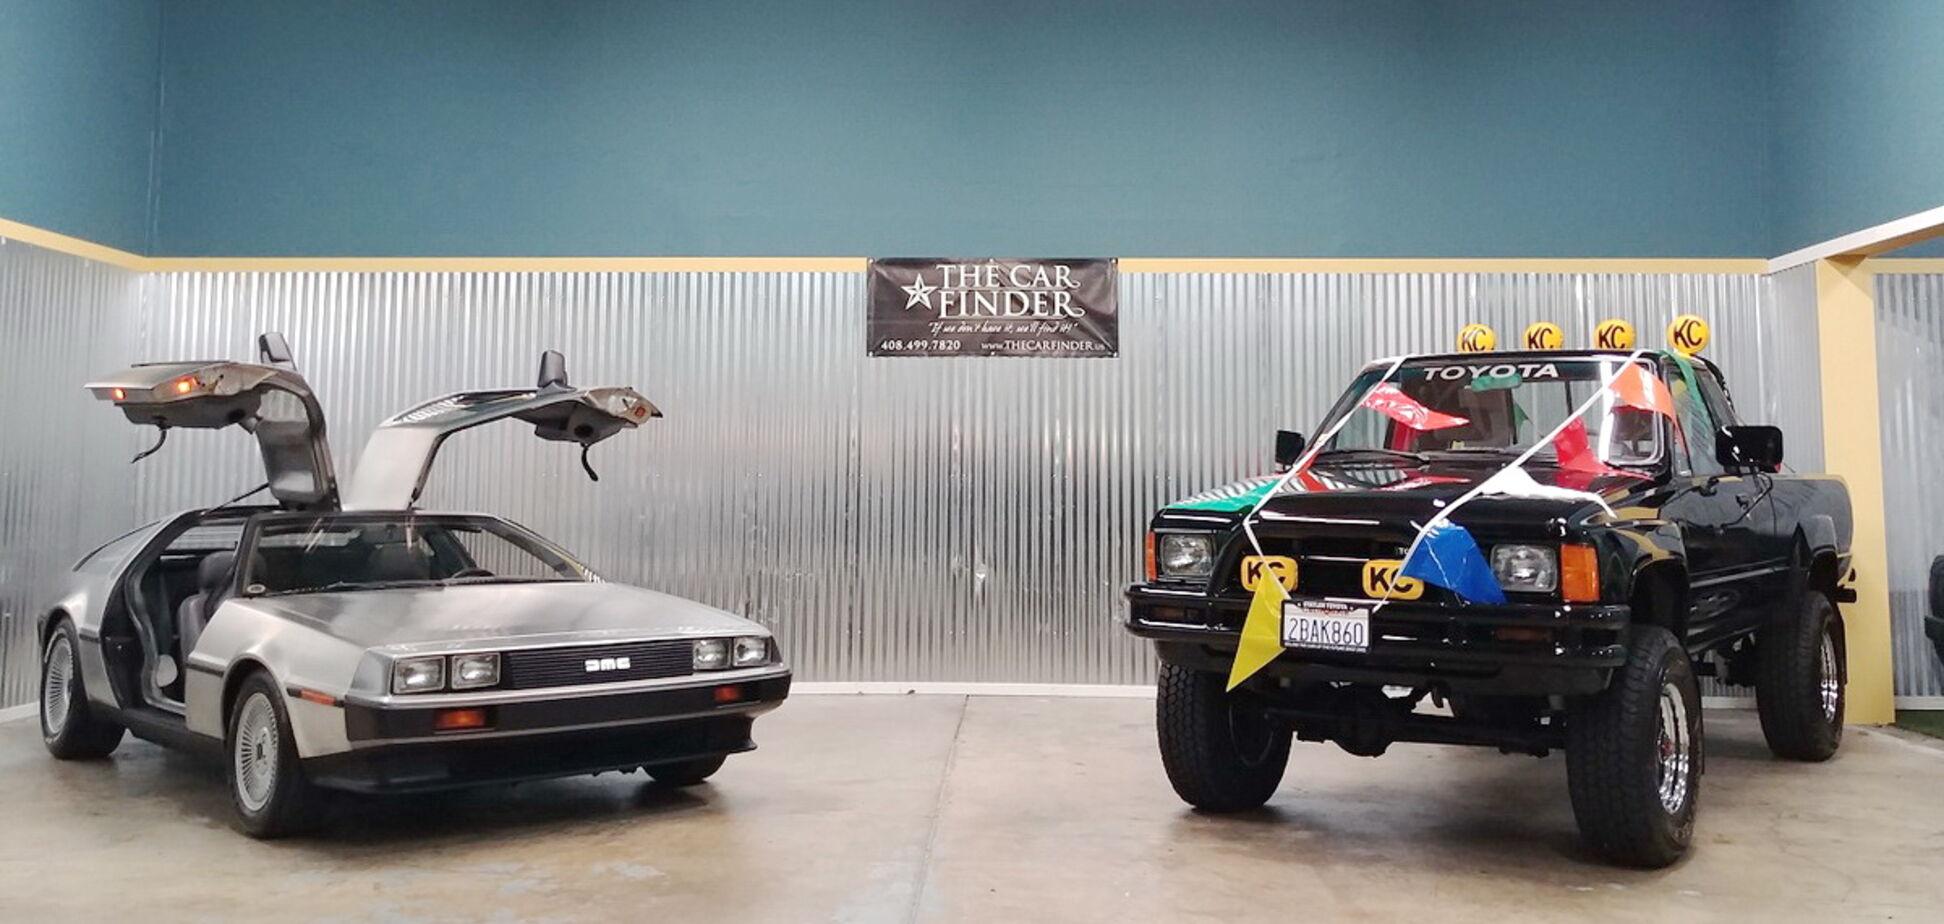 Автомобілі з 'Назад в майбутнє' продають з аукціону: варто поквапитися